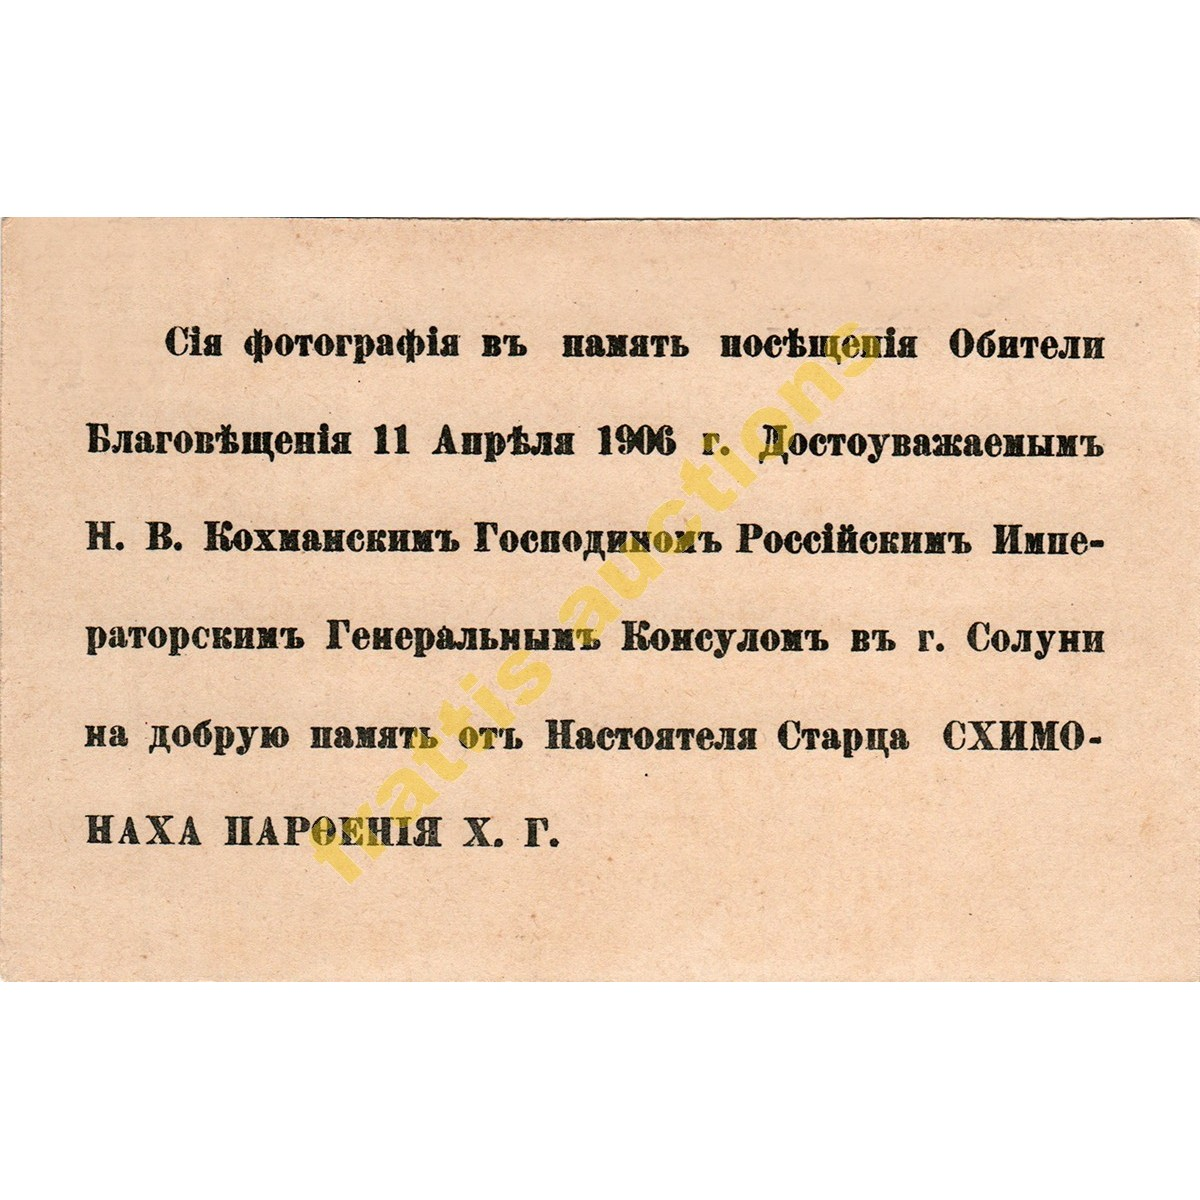 Κηδεία Αρχιεπισκόπου Ρωσικου Μοναστήριου.